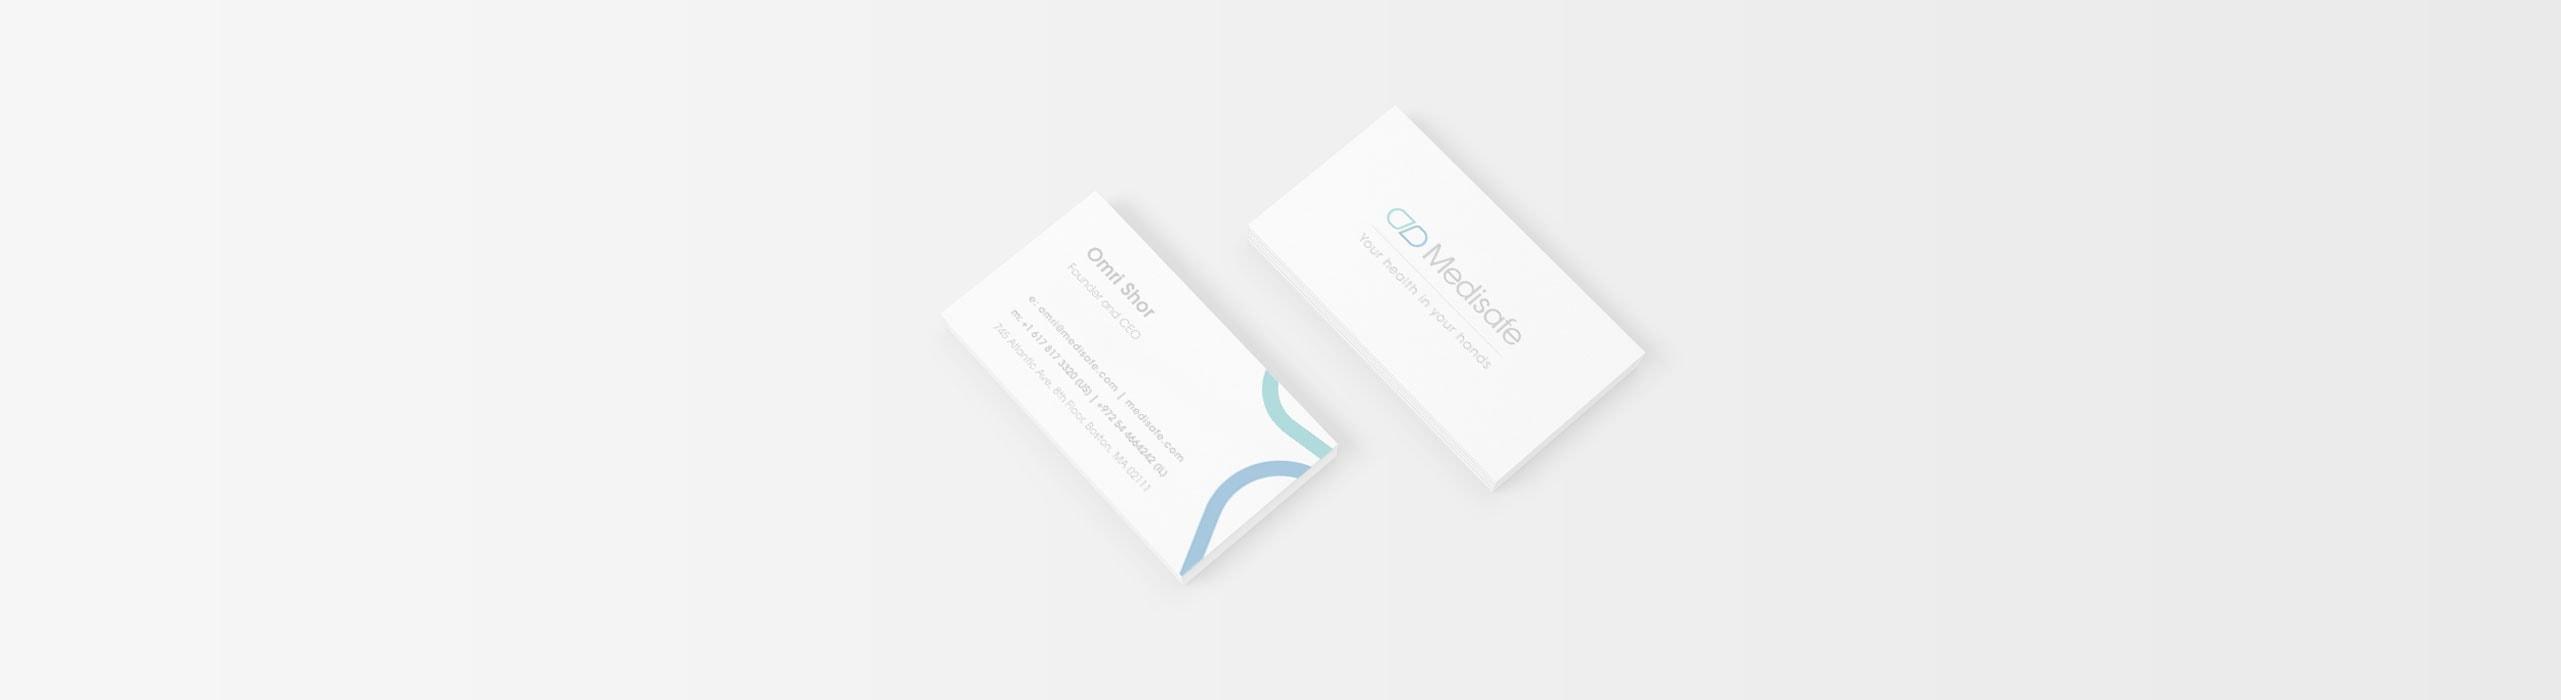 Medisafe - natie-medisafe-business-cards-design - Natie Branding Agency